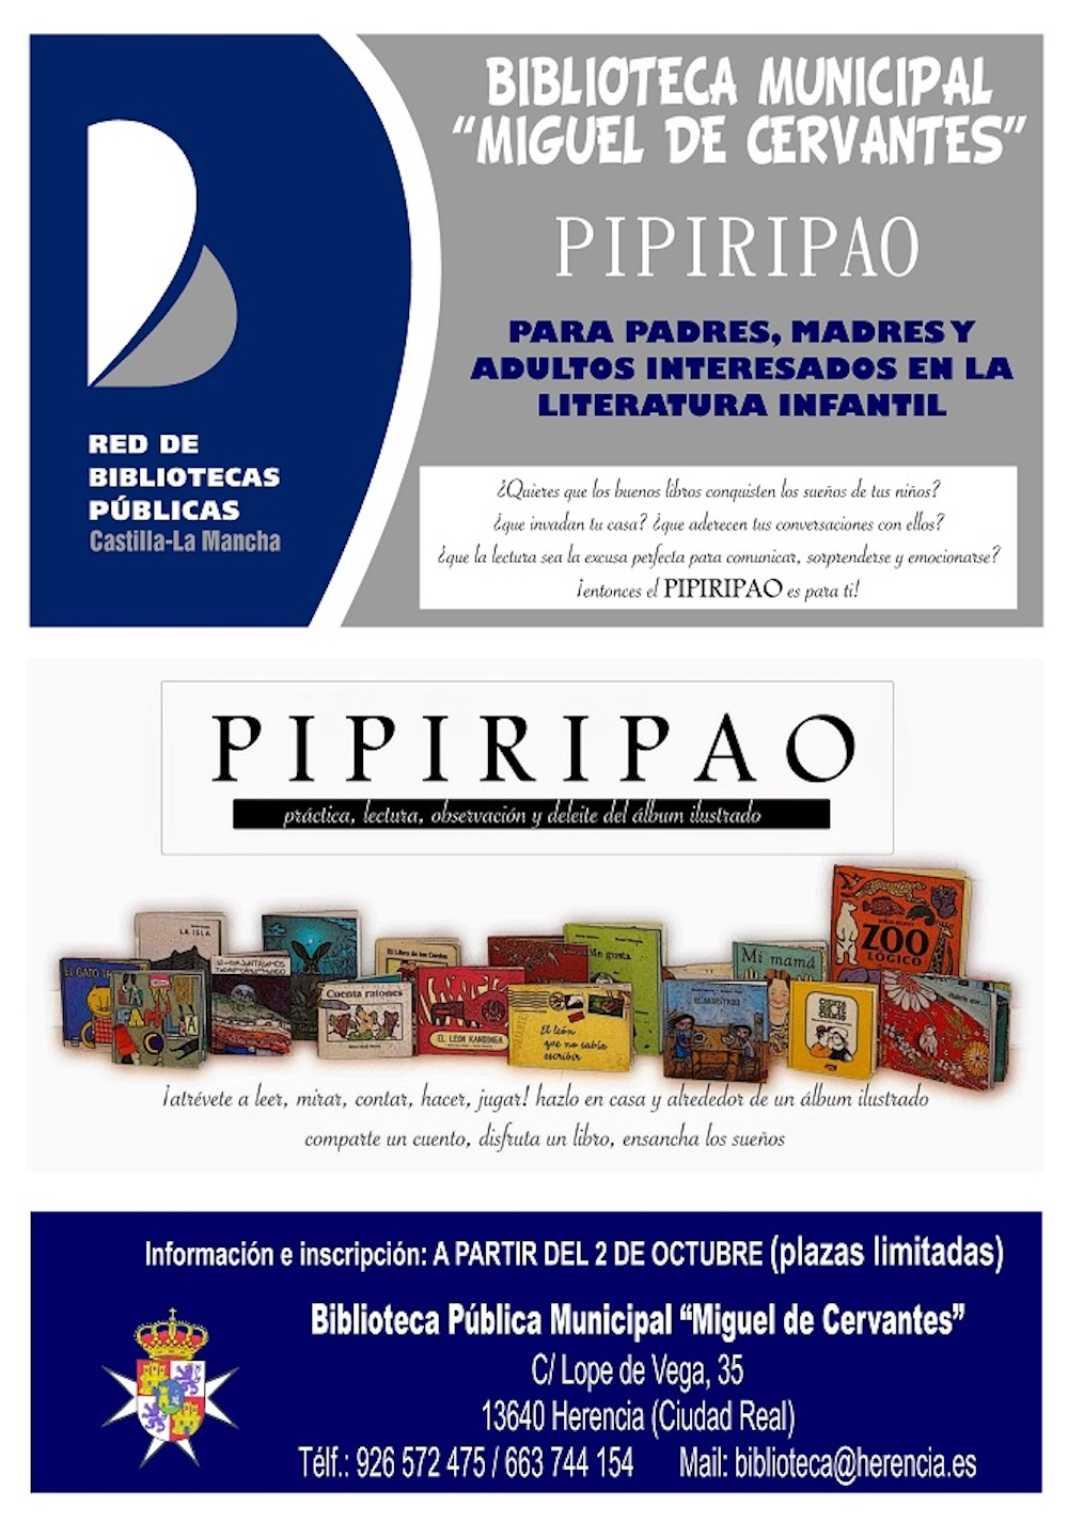 Pipiripao: Una nueva manera de acercarse al mundo de la literatura infantil 4